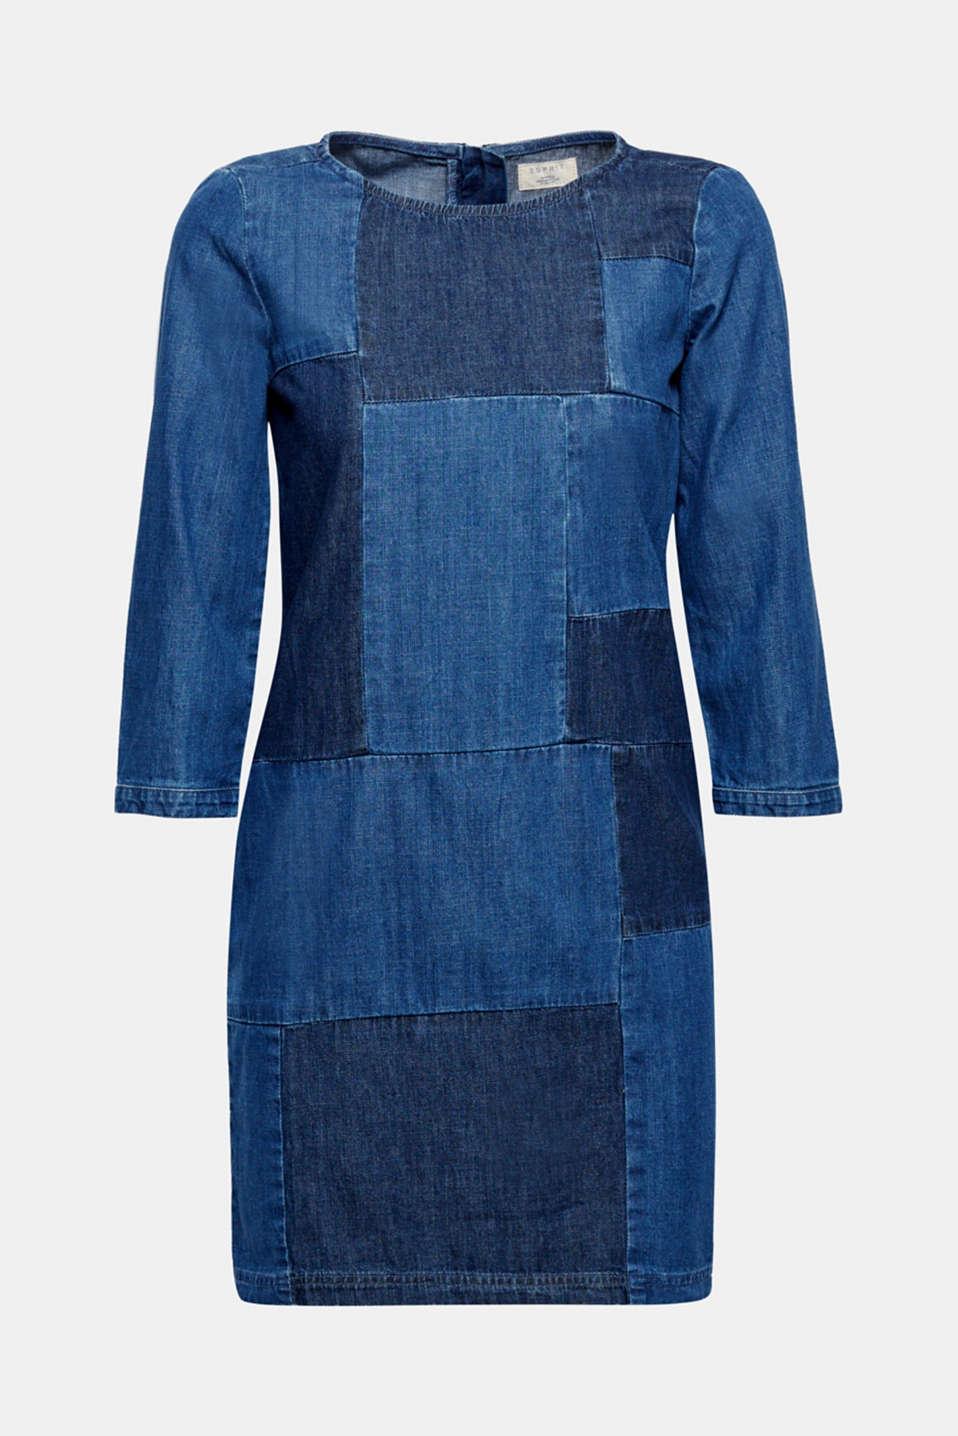 Dresses denim, BLUE MEDIUM WASH, detail image number 5